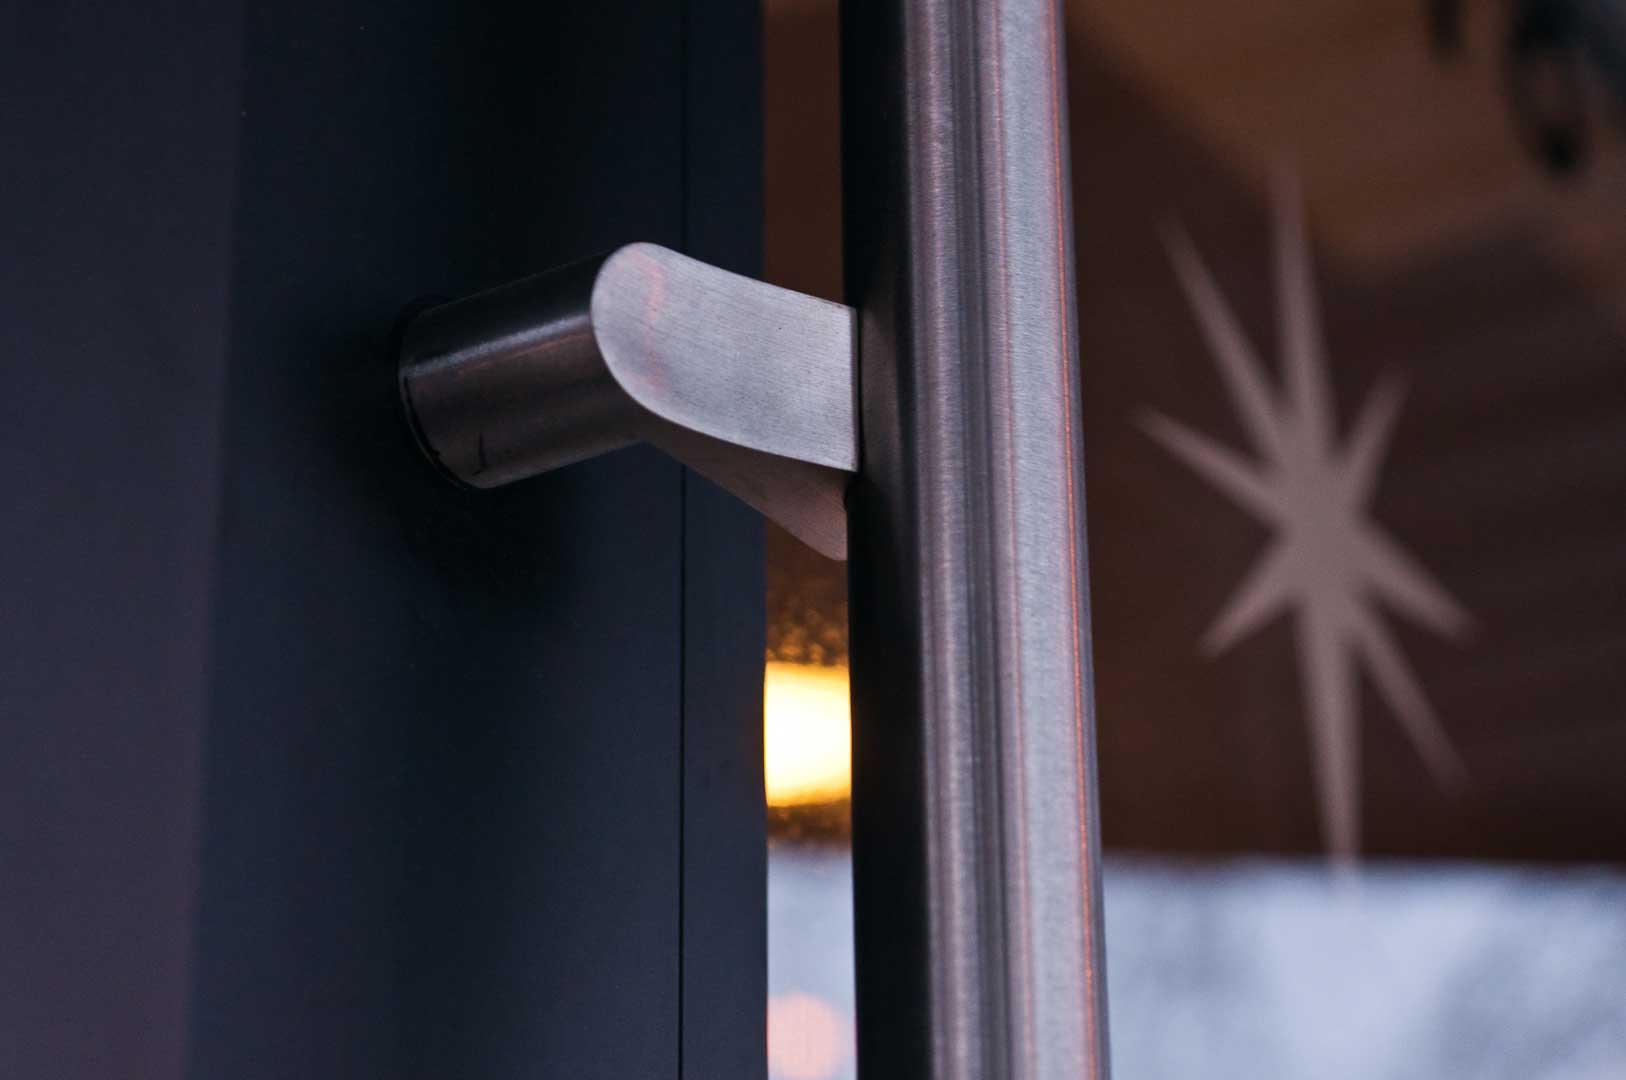 Queen Street Starbucks Door Hardware Installed by Explore1.ca